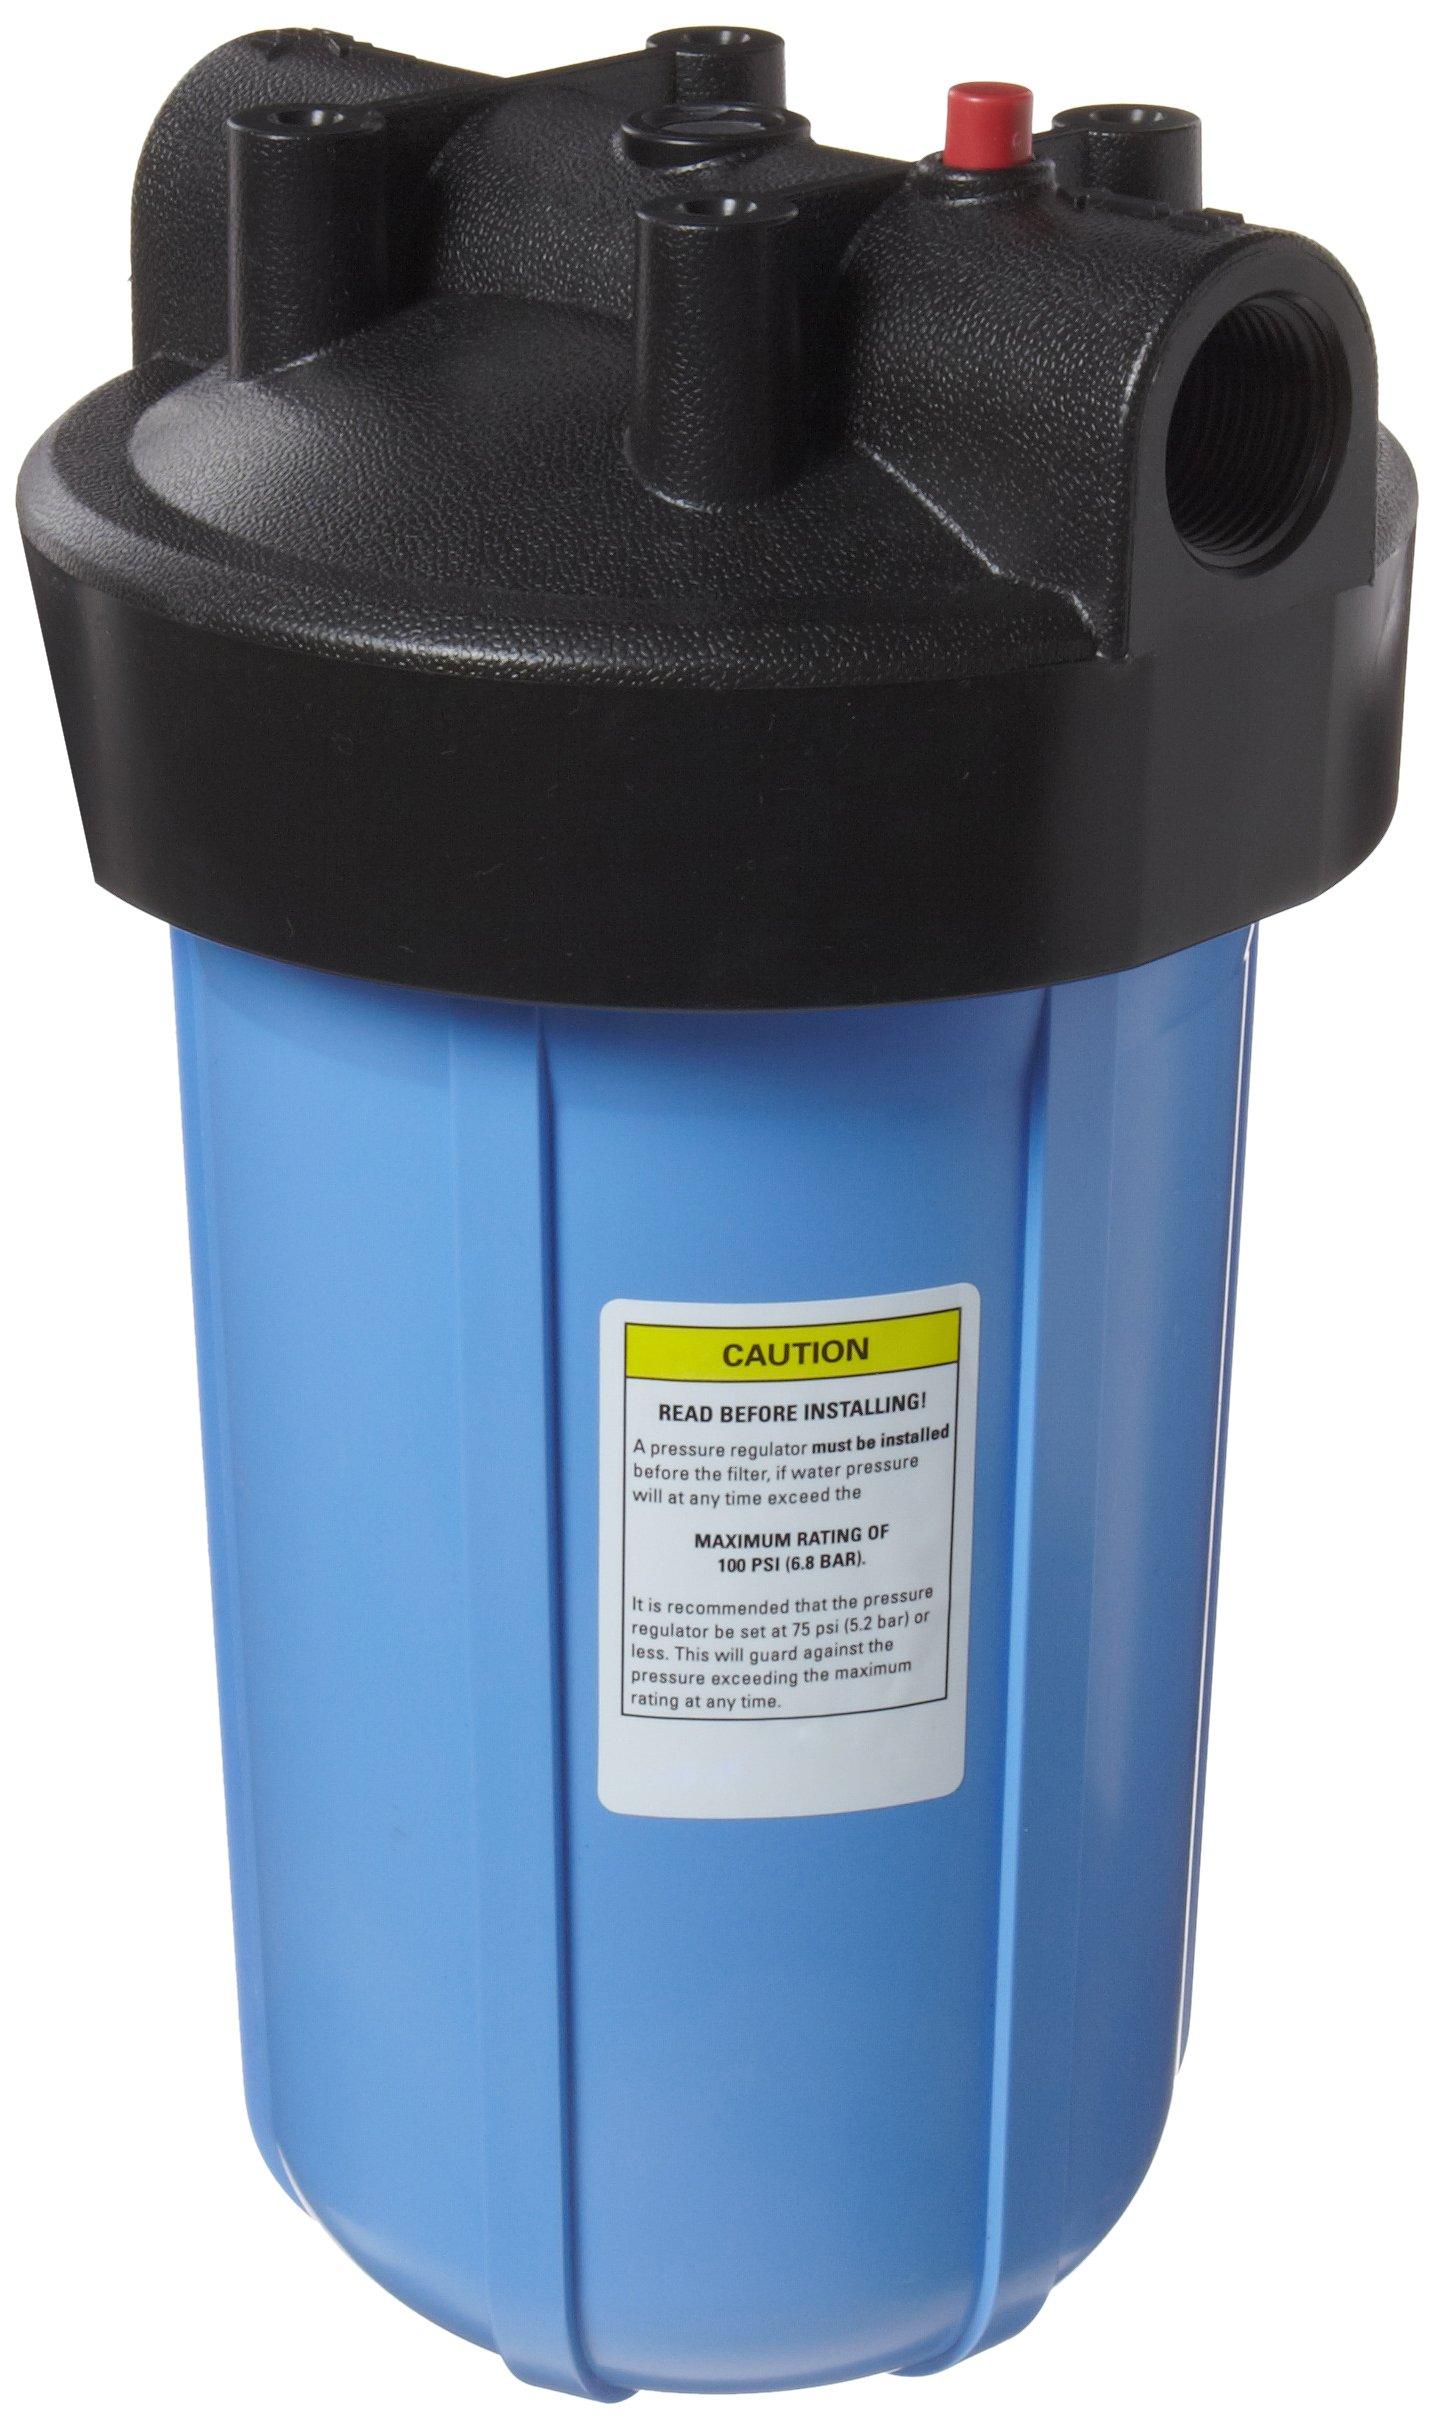 Pentek 150237#10 Big Blue Filter Housing, 1'' Female NPT Inlet/Outlet